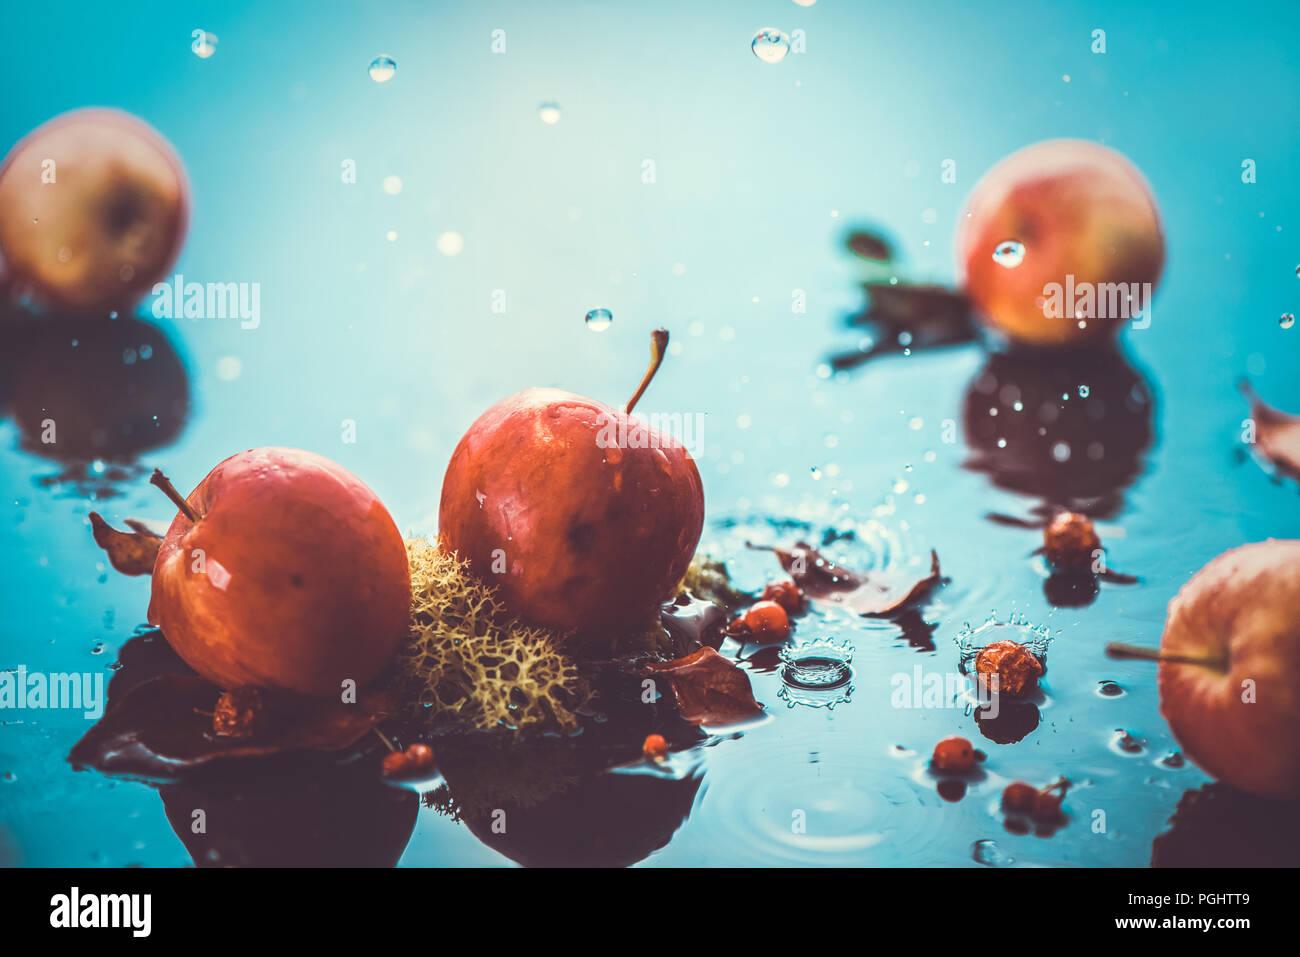 Les pommes d'automne sous la pluie encore la vie. En-tête de récolte d'automne avec de l'eau chute et copier l'espace. Les petites pommes rouges ranet et les feuilles tombées. L'effet de traitement croisé Photo Stock